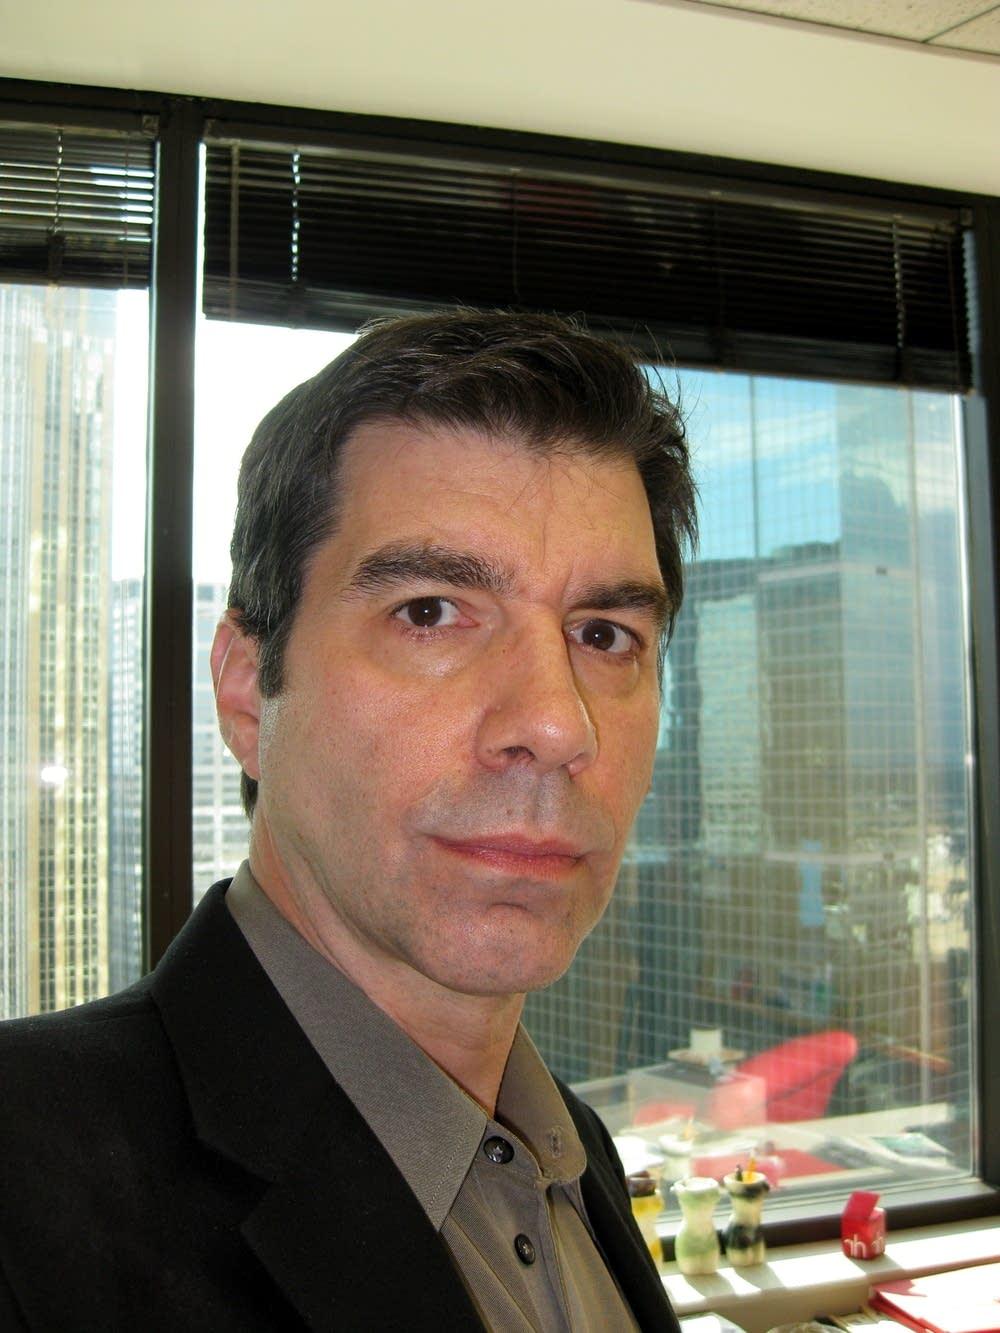 Brian Herder